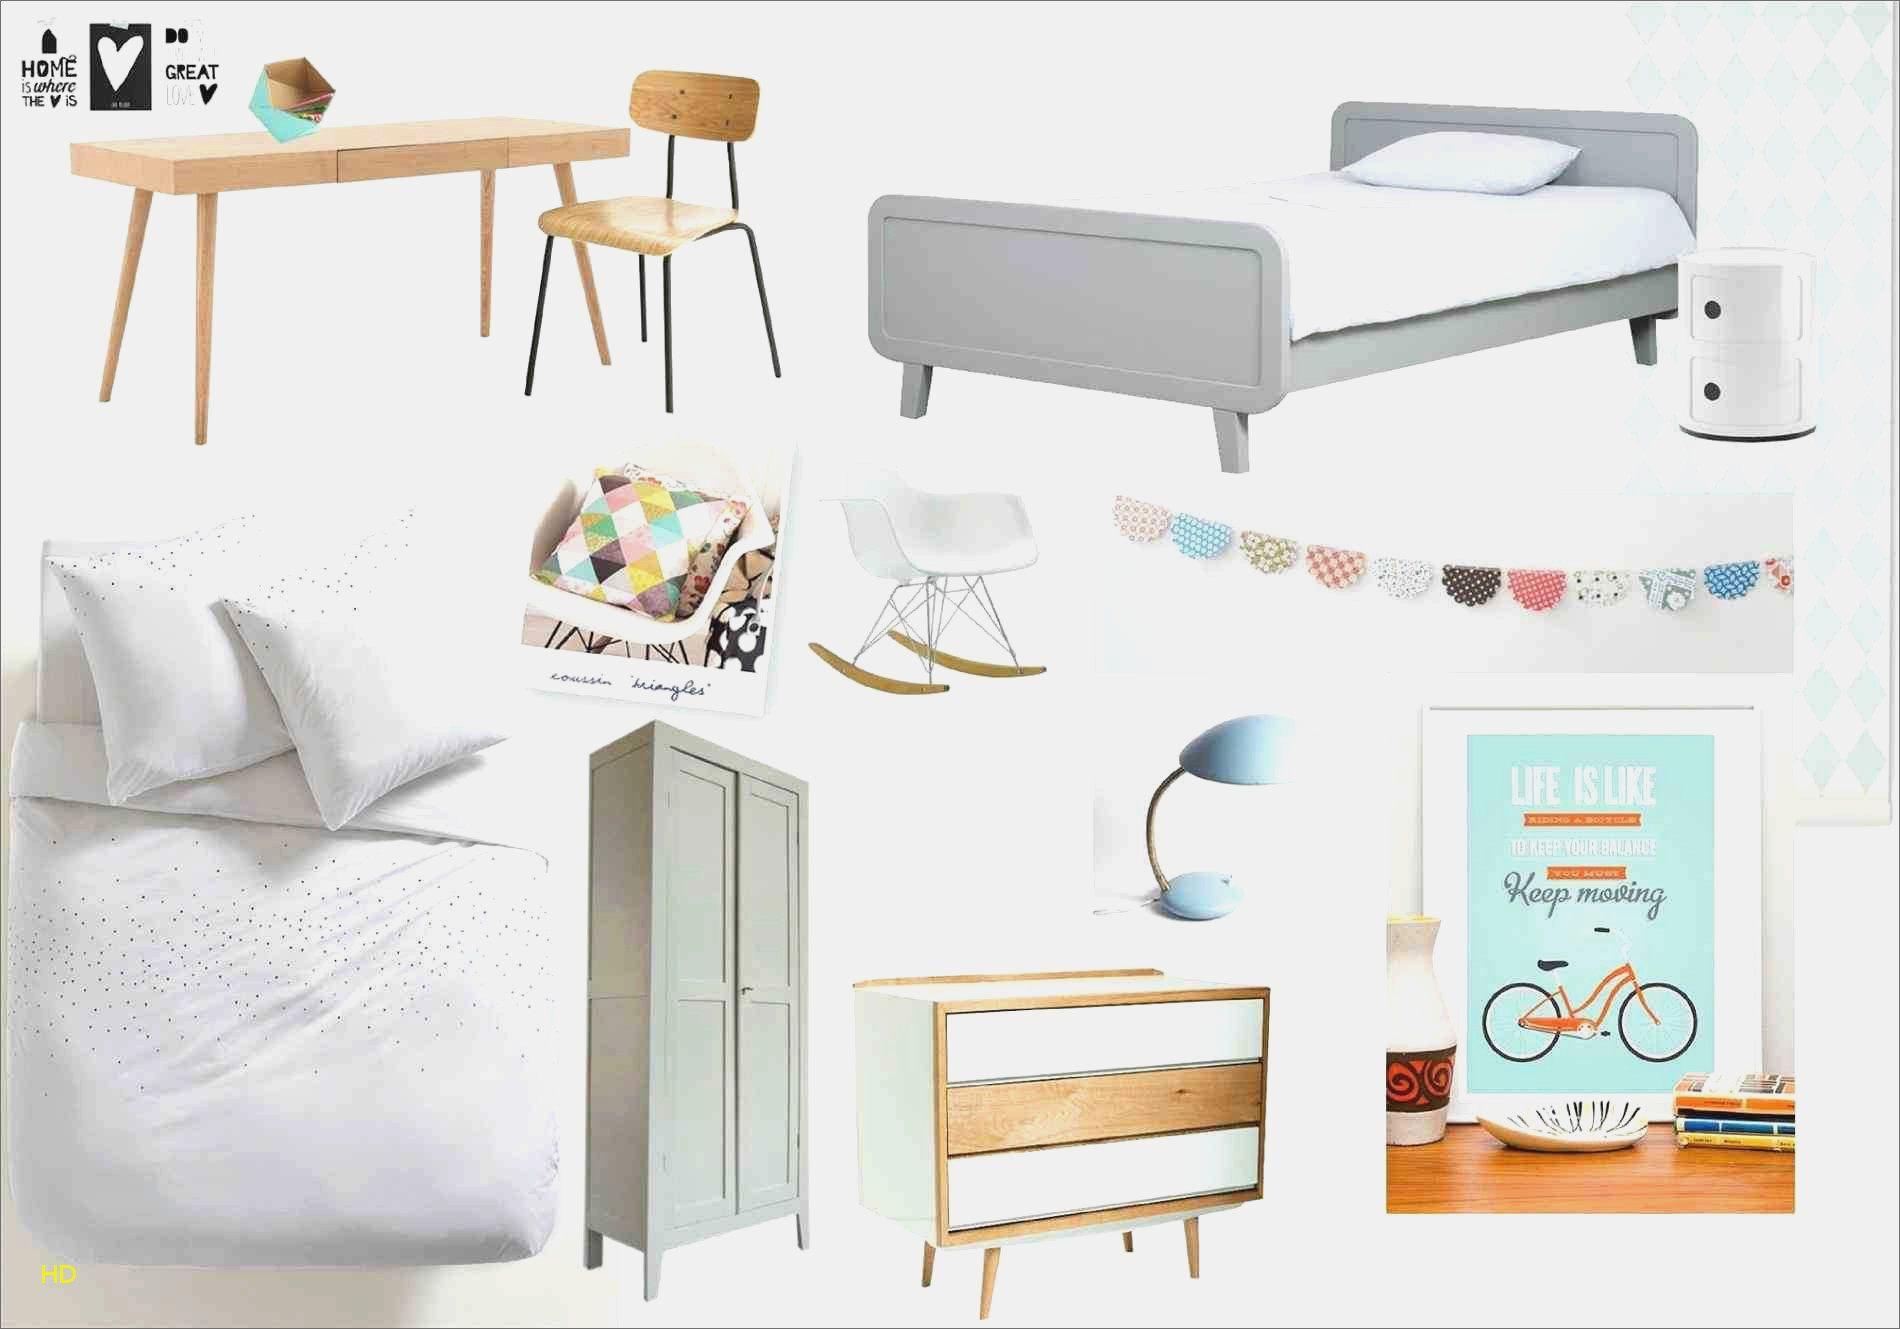 Chambre Avec Lit Mezzanine Frais étourdissant Chambre Mezzanine Ado Sur Lit Mezzanine Design Lit